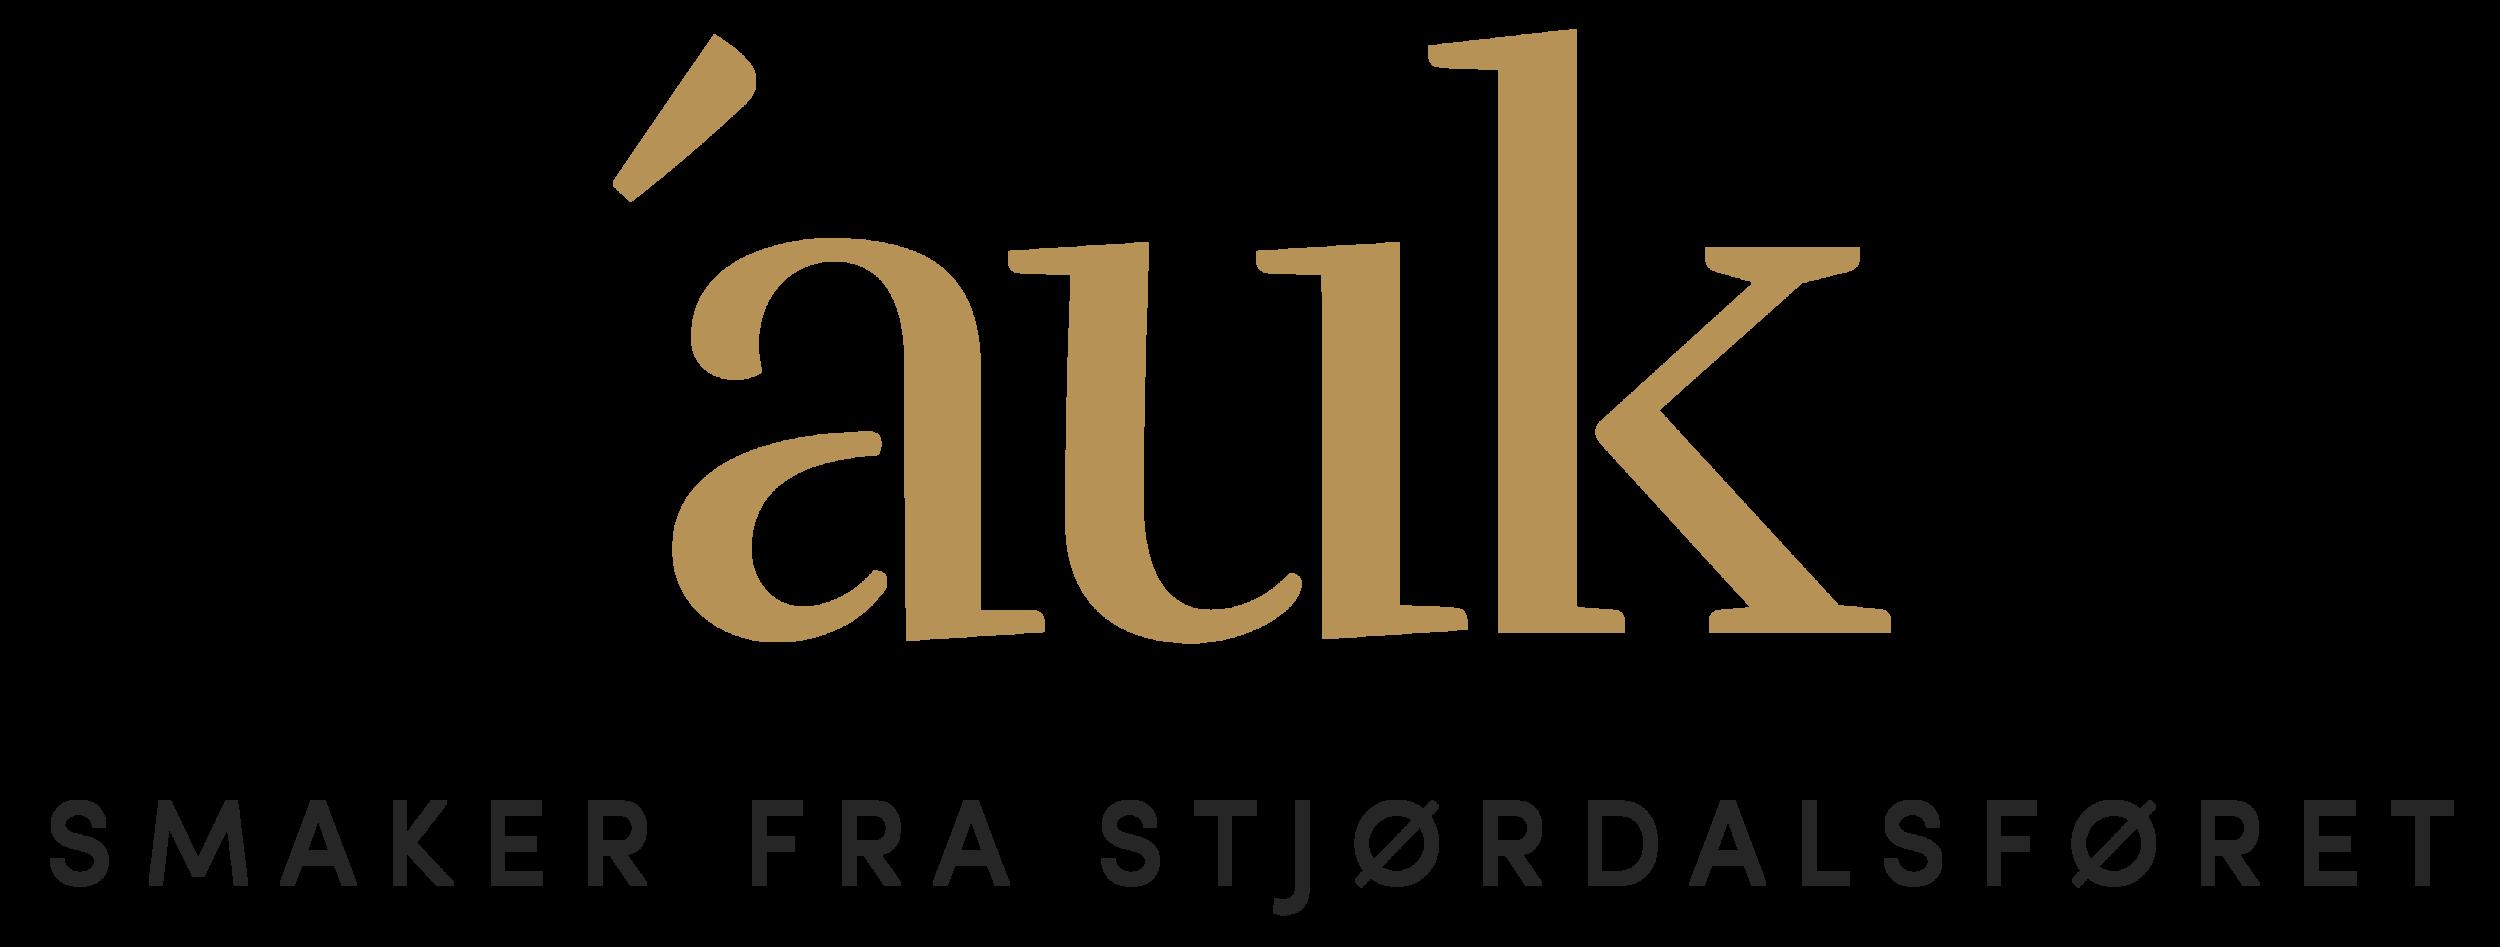 Auk-logo4.png